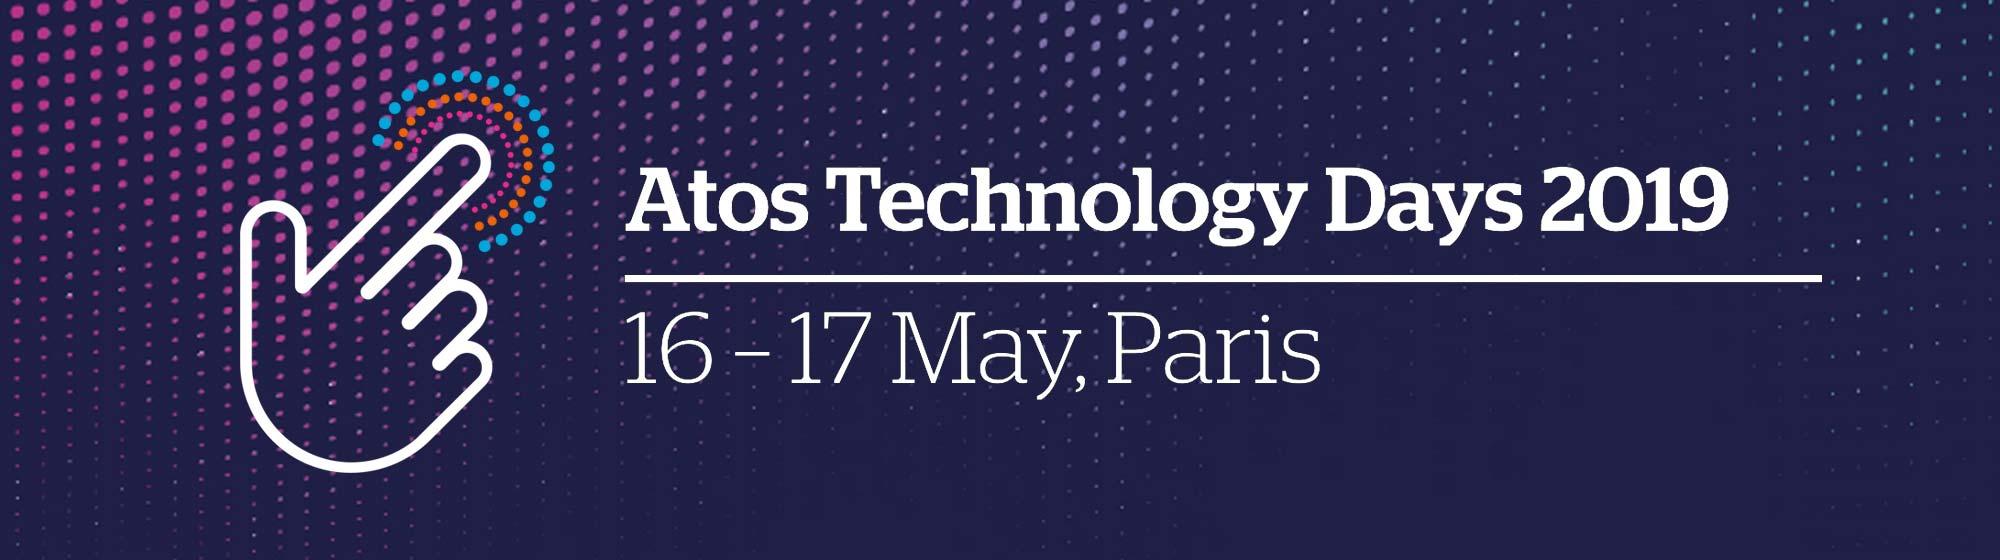 Atos Technology Days 2019